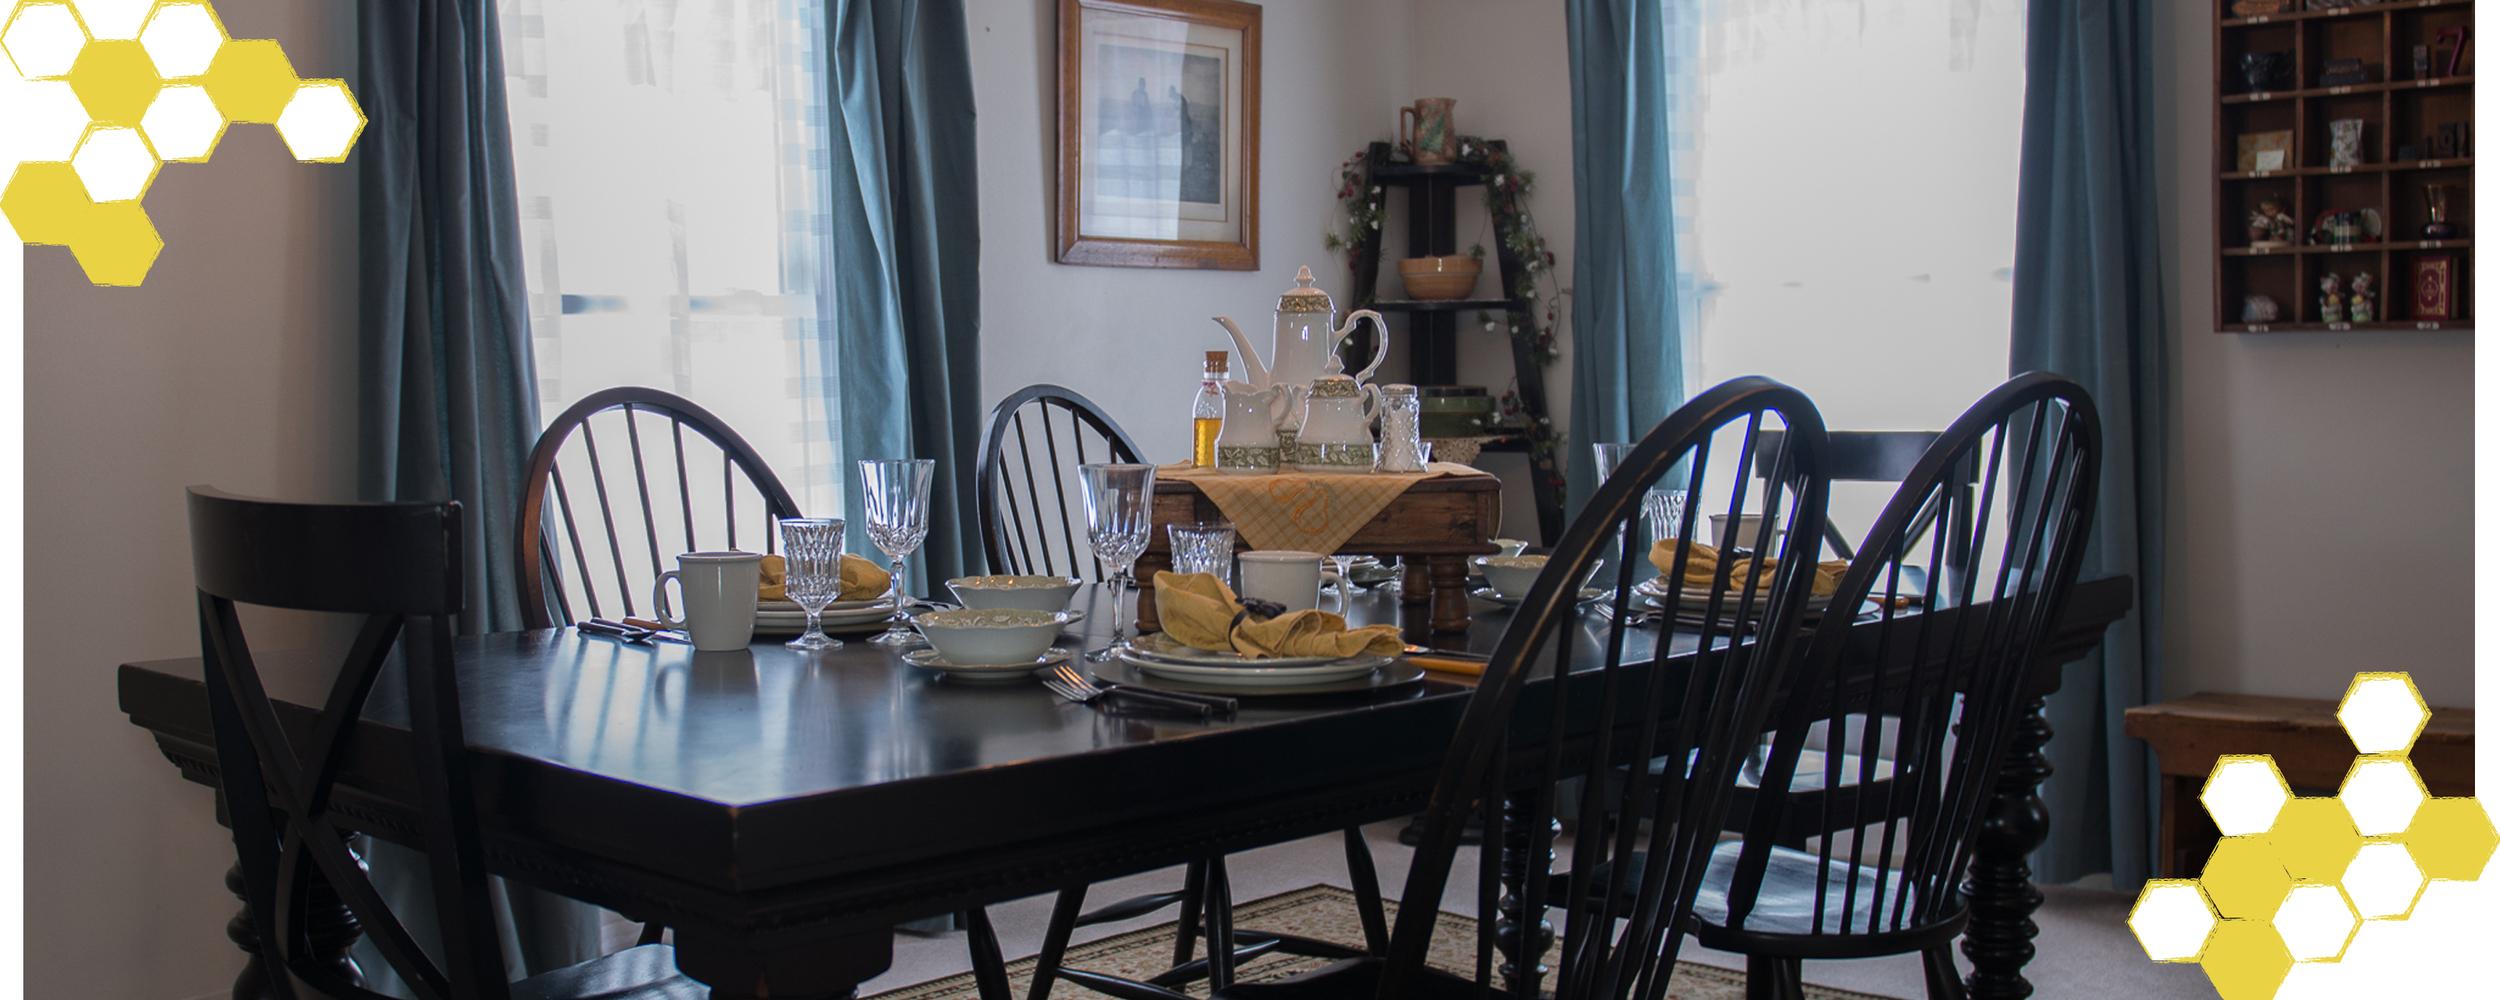 DiningRoomTable.jpg